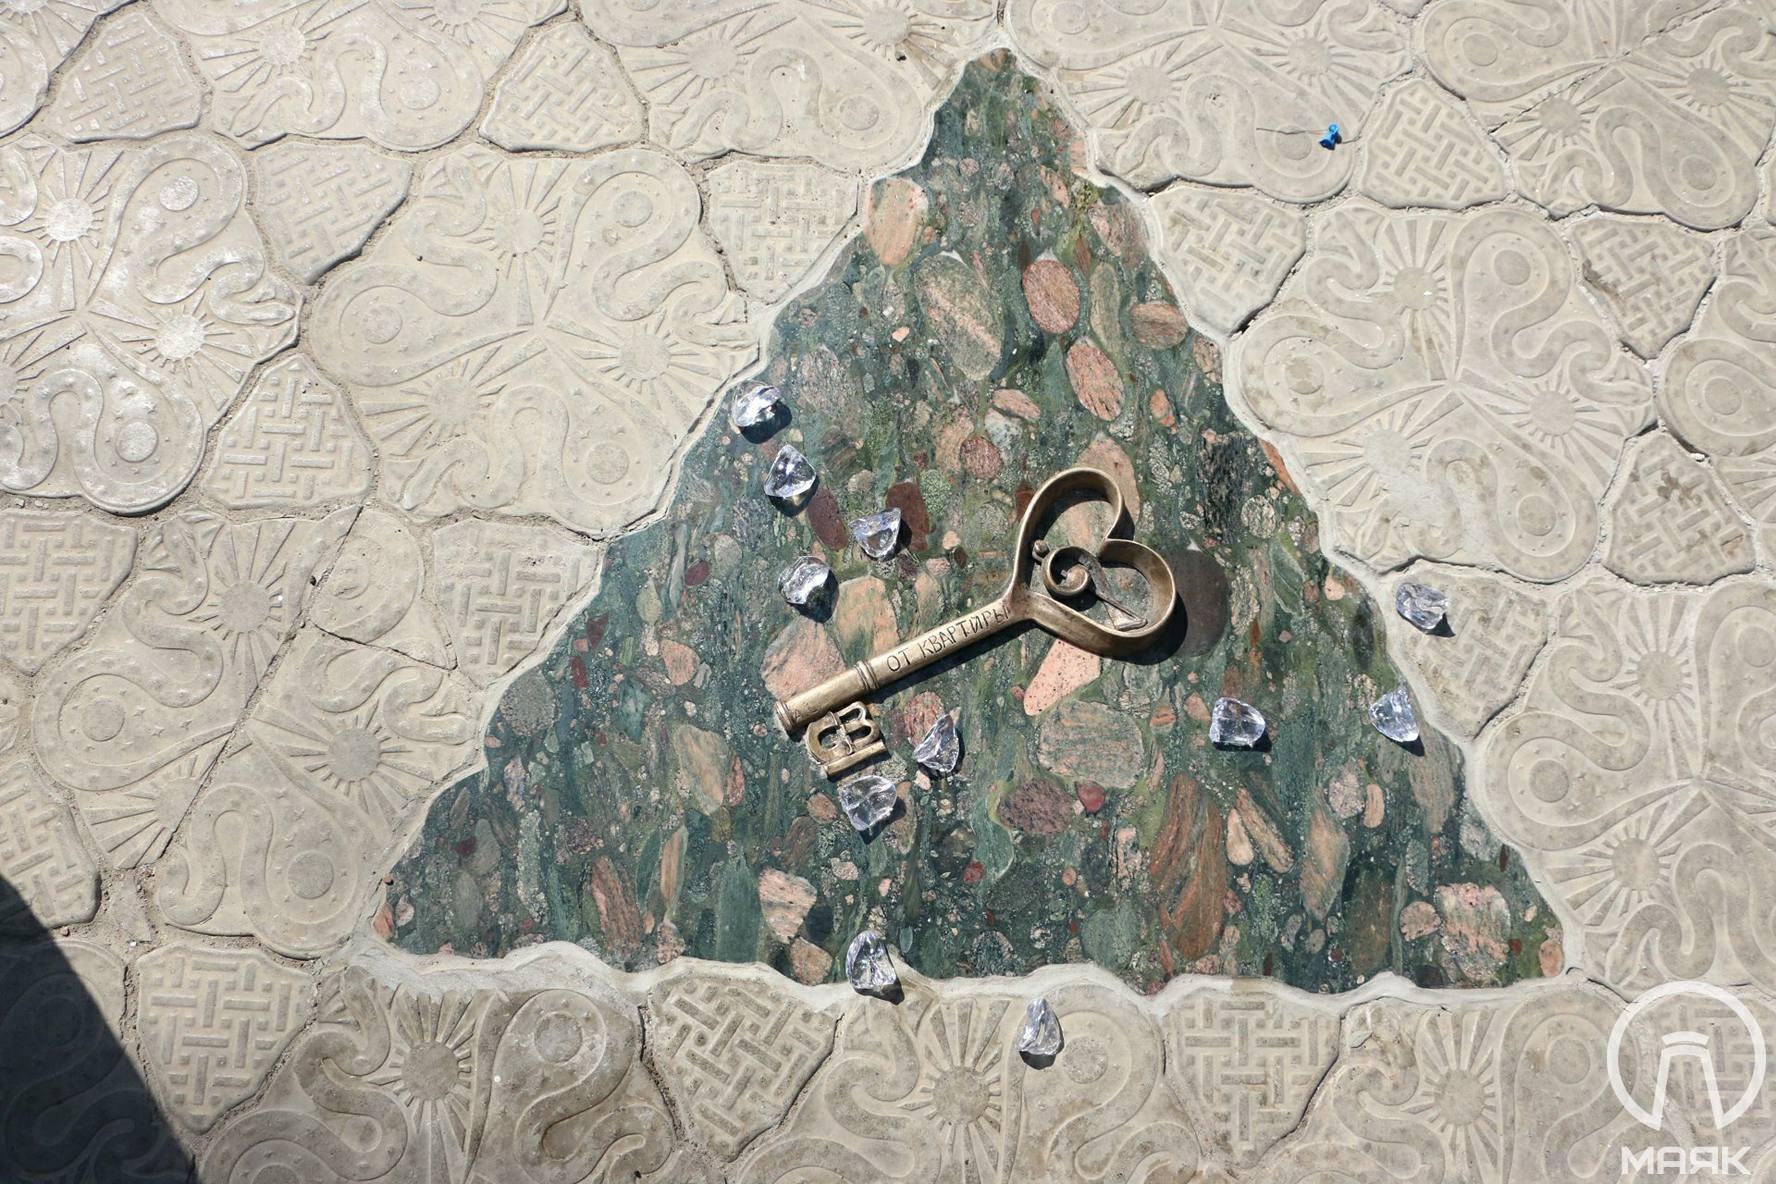 Ключ от квартиры: в Одессе открыли мини-скульптуру по роману «12 стульев» Ильфа и Петрова